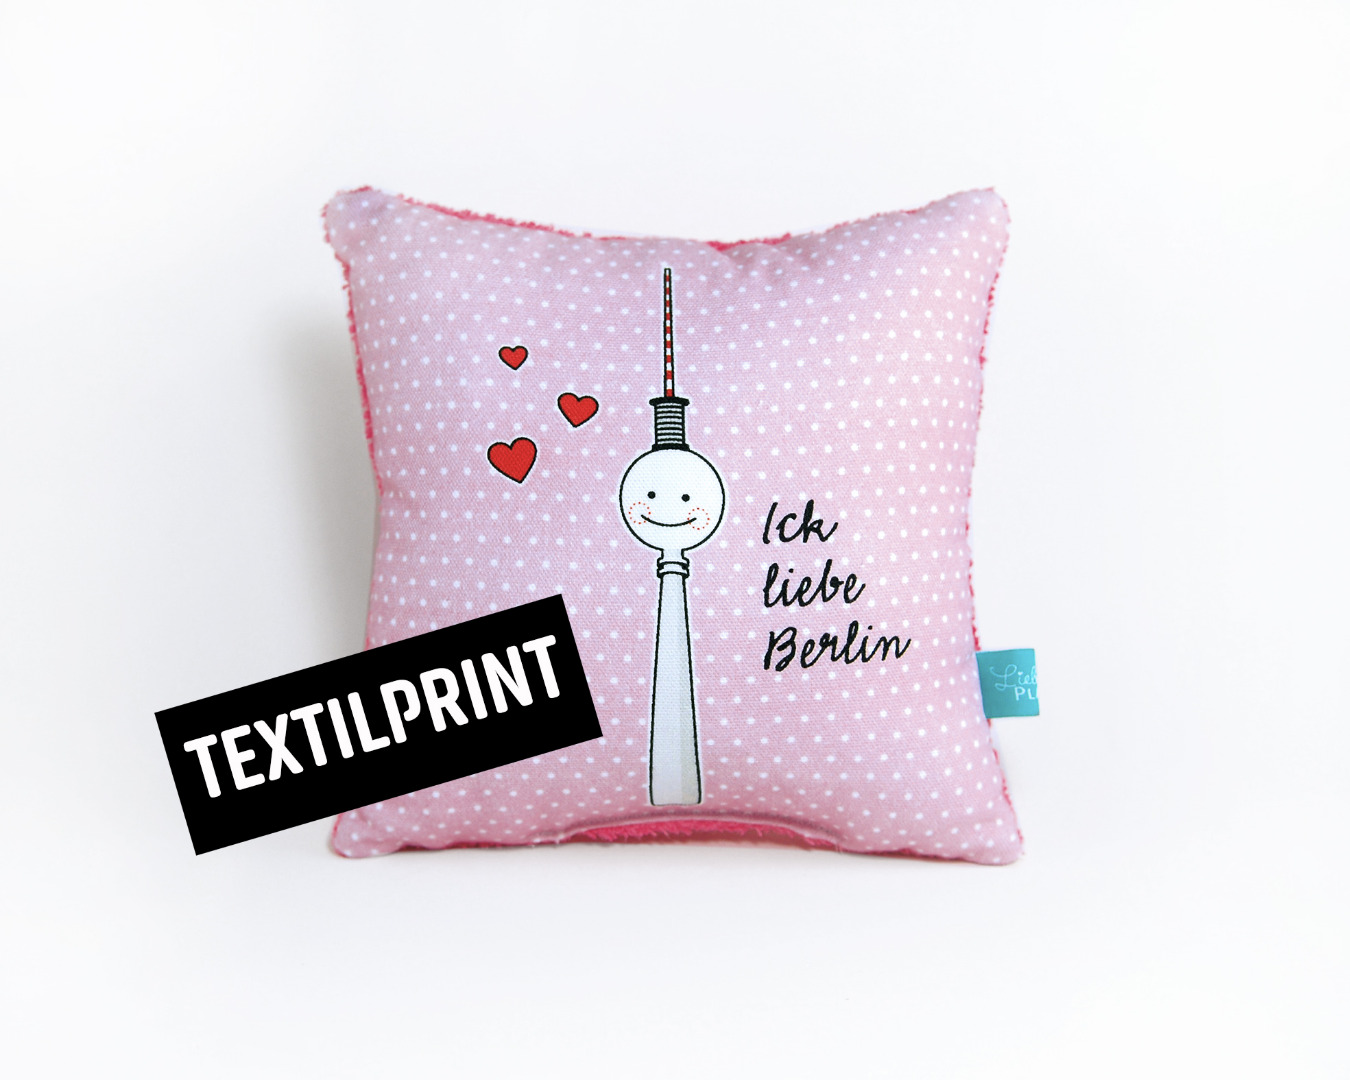 Textilprint zum selber nähen kleines Kissen